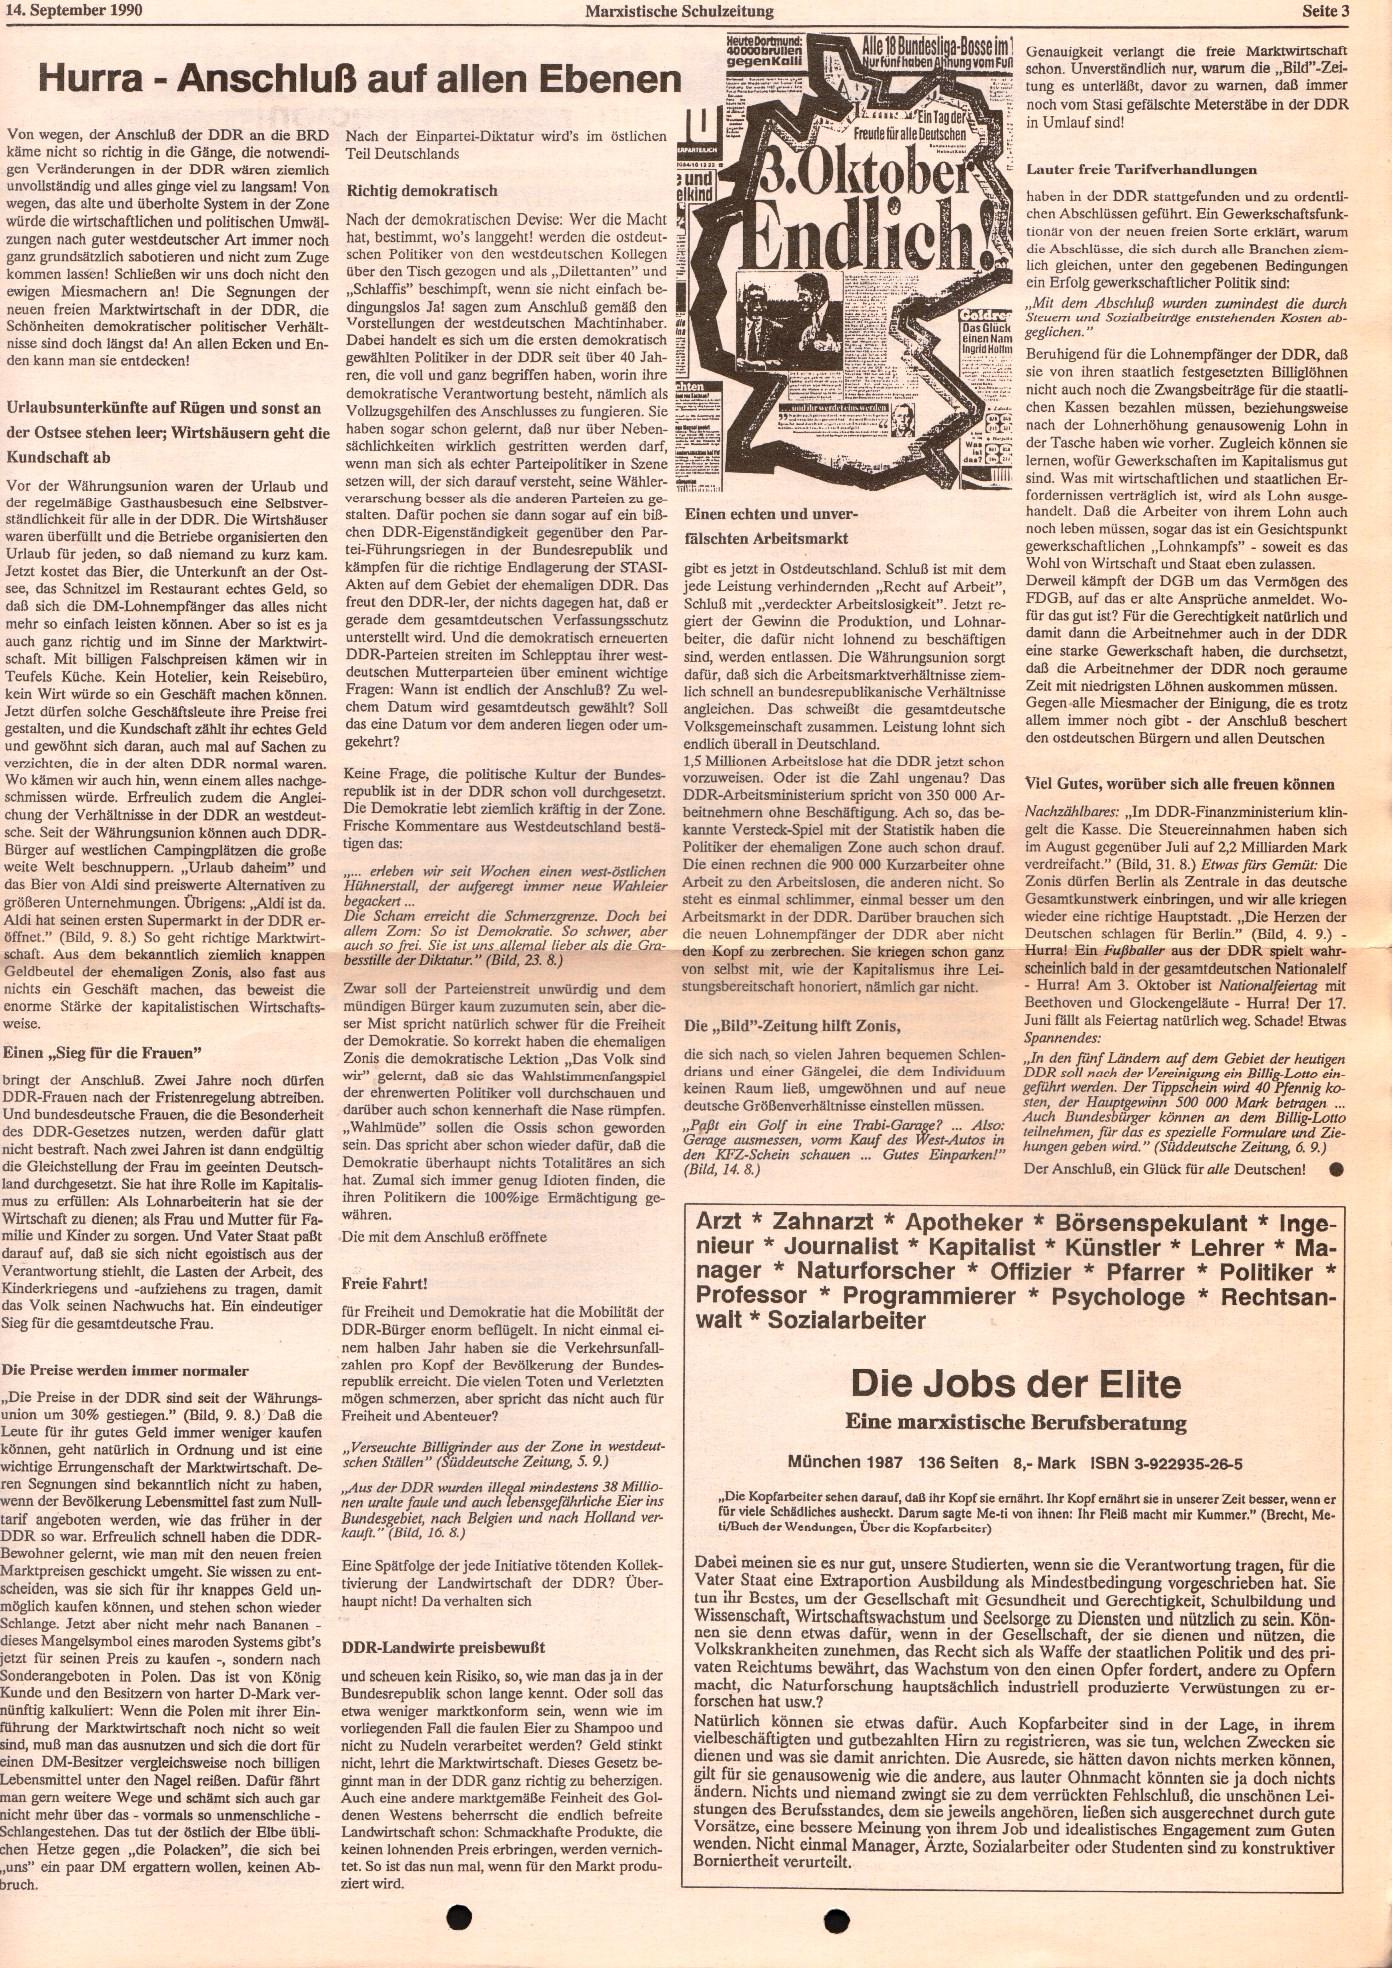 Ruhrgebiet_MG_Marxistische_Schulzeitung_19900914_03